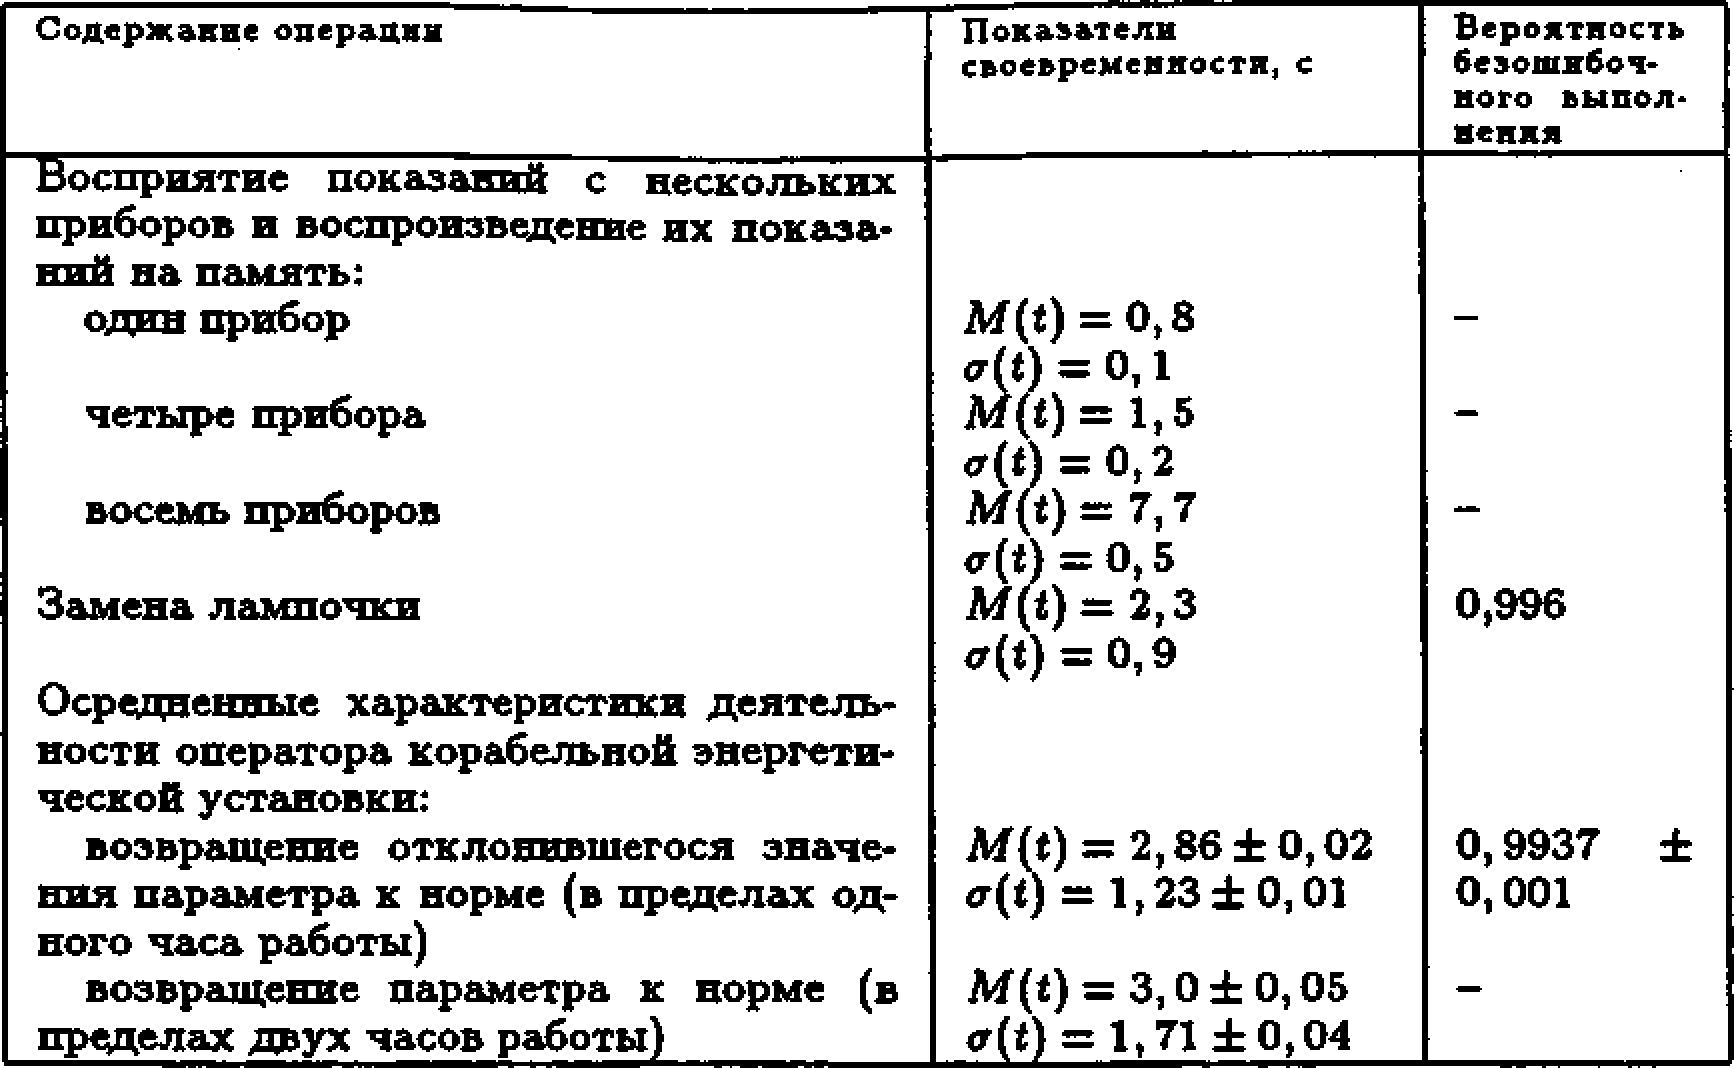 инструкция по техническом обслуживанию асу тп